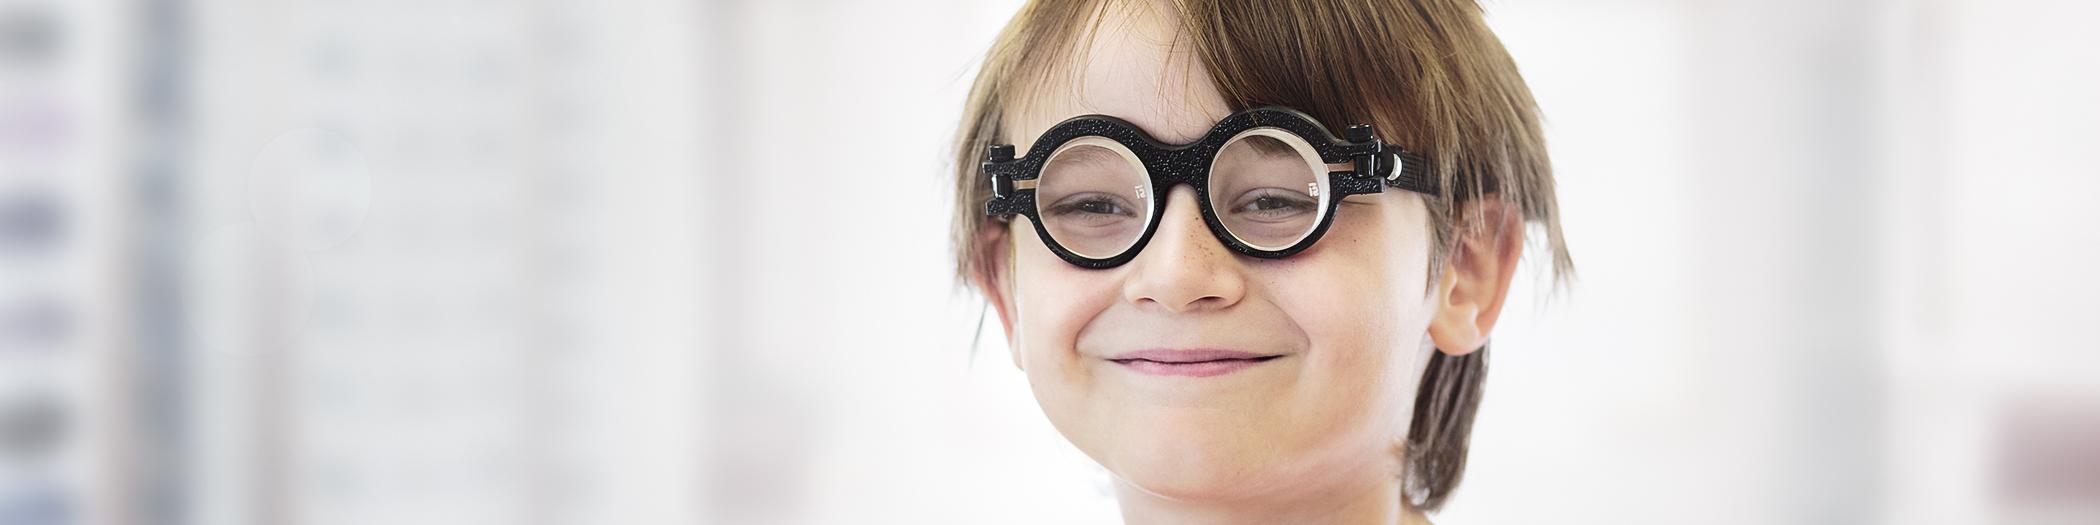 scroller prismGlasses